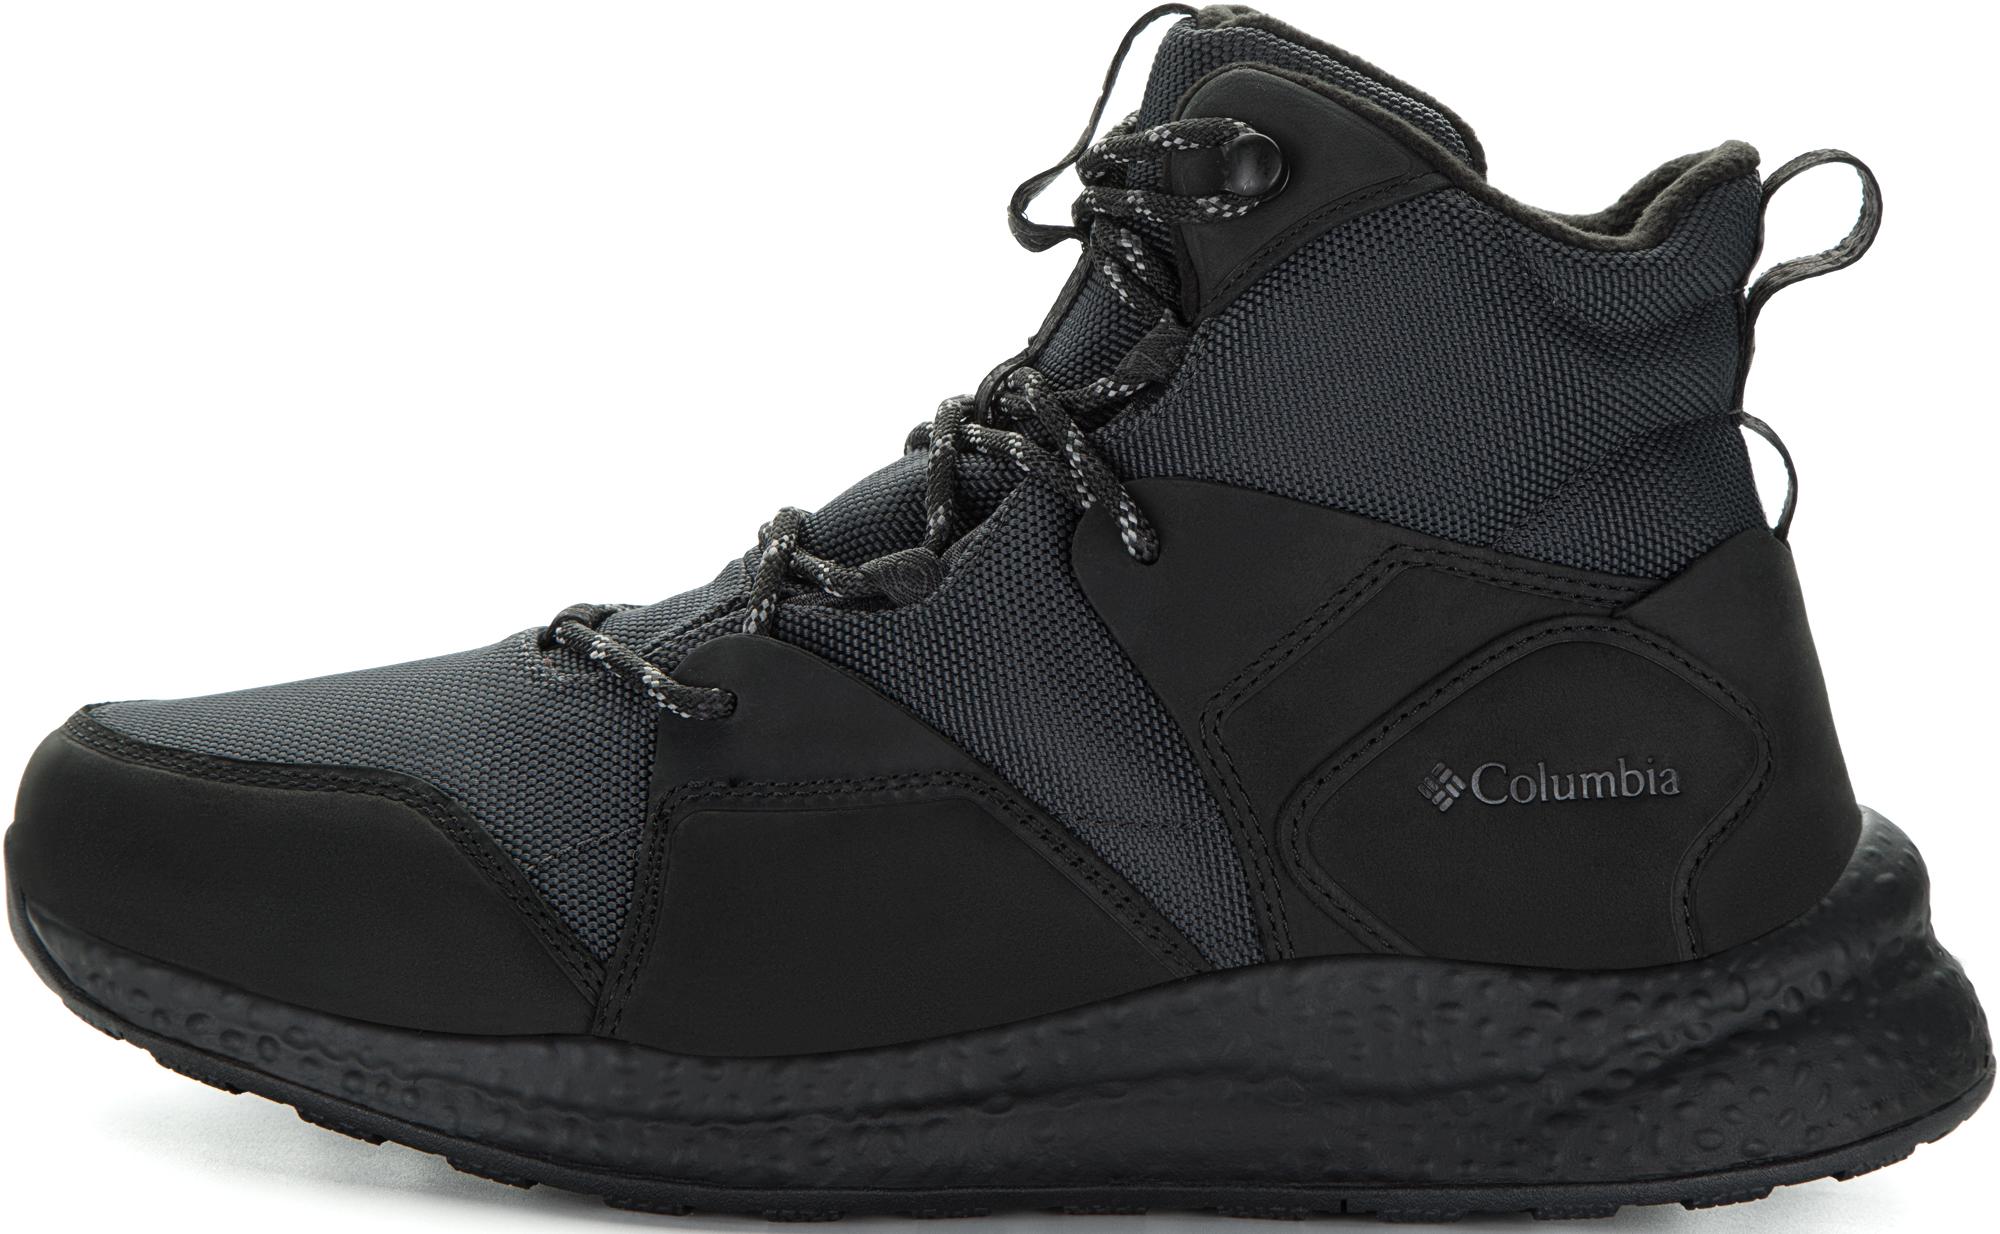 Columbia Ботинки мужские SH/FT OutDry, размер 46